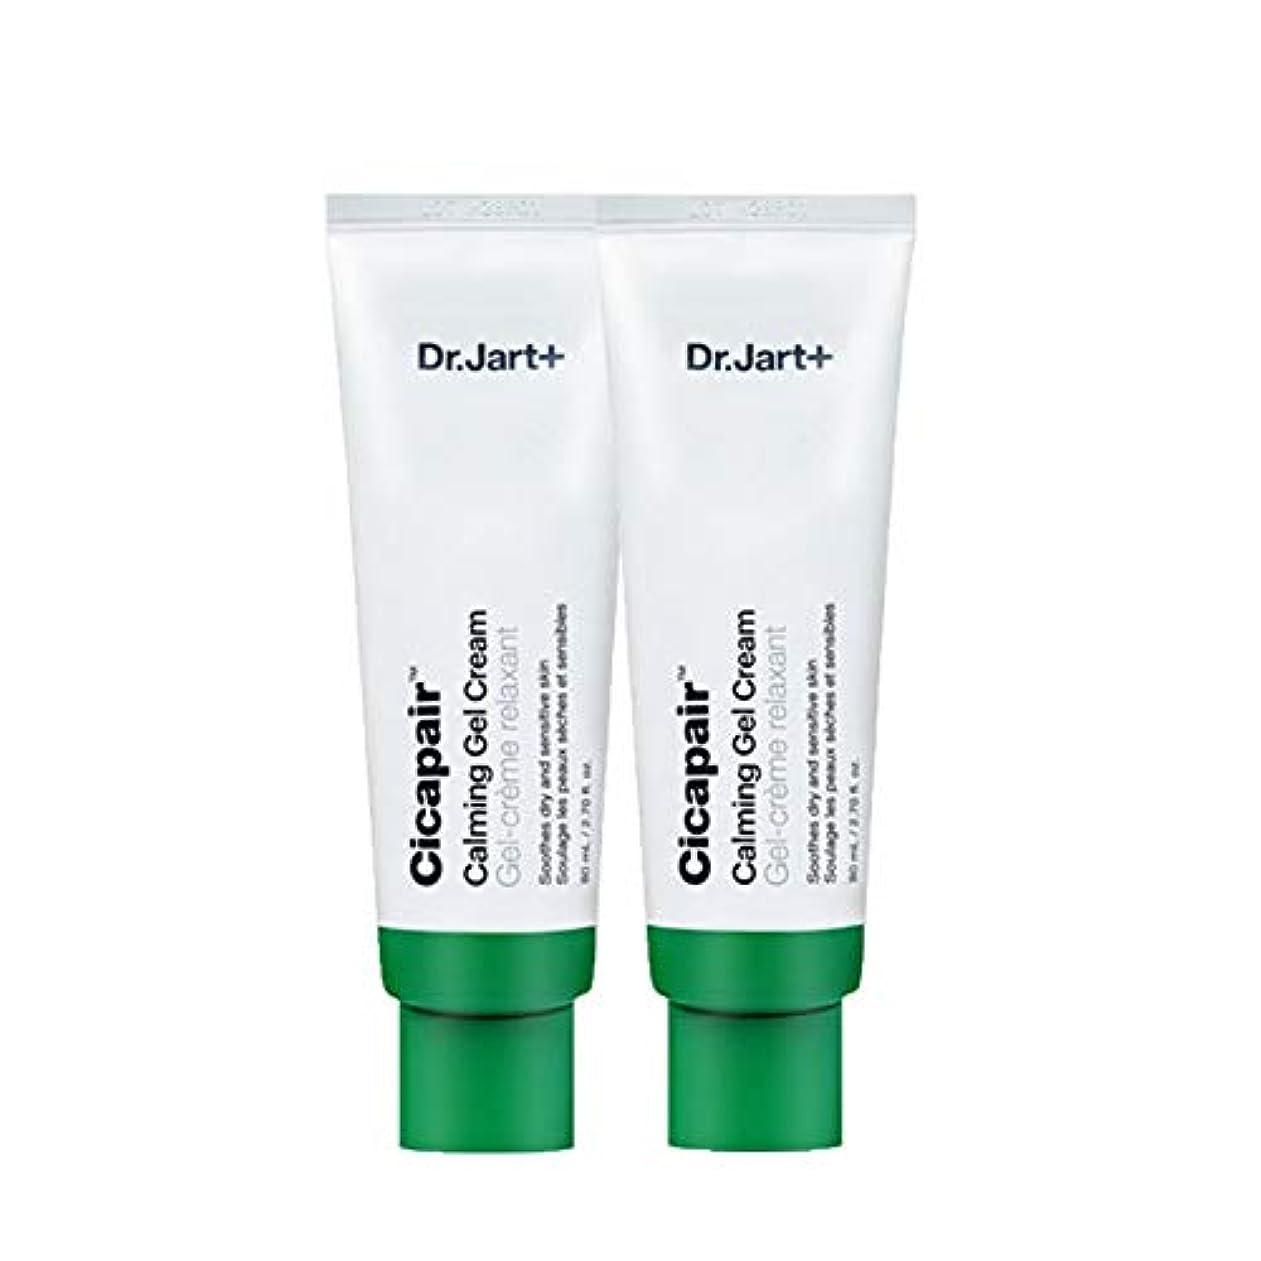 認識同意する候補者ドクタージャルトゥシカフェアカミングジェルクリーム80mlx2本セットシワ改善韓国コスメ、Dr.Jart Cicapair Calming Gel Cream 80ml x 2ea Set Korean Cosmetics...